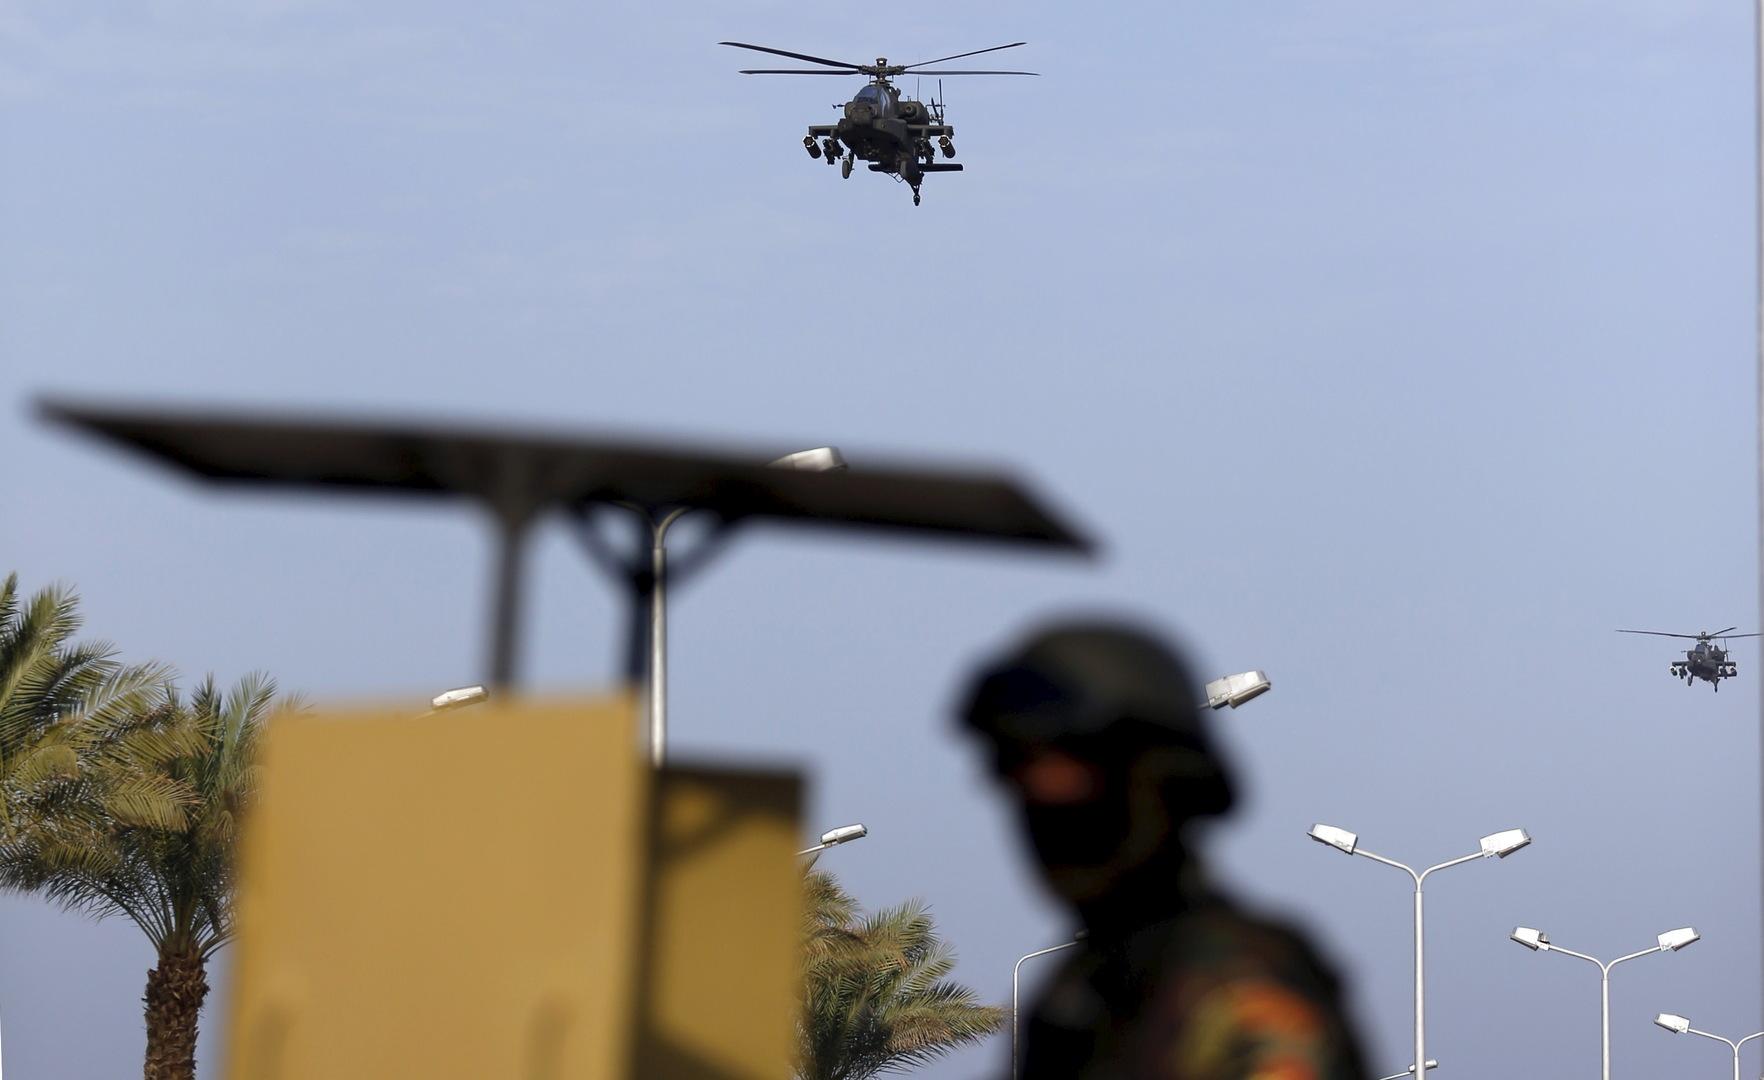 الوكالة الأوروبية لسلامة الطيران تصدر تقريرها حول مخاطر الطيران فوق سيناء